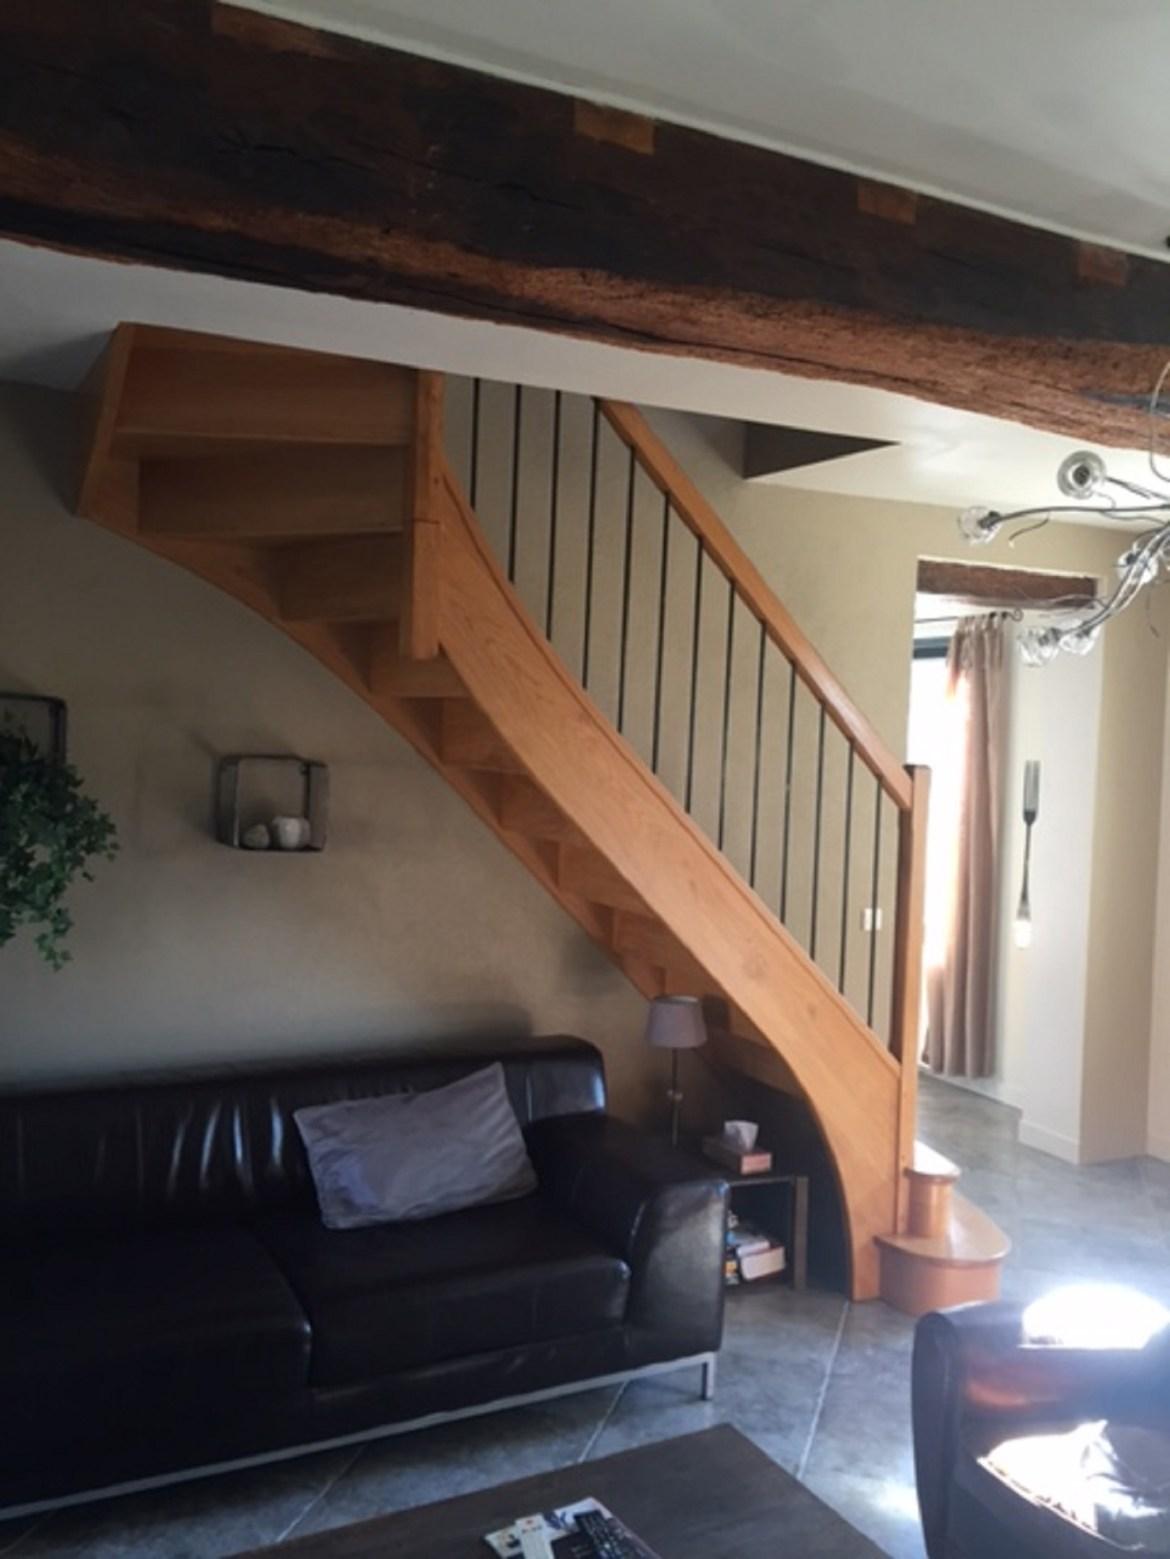 Styl'escalier : Gamme Prestige escalier chêne avec balustres fer et limon courbe